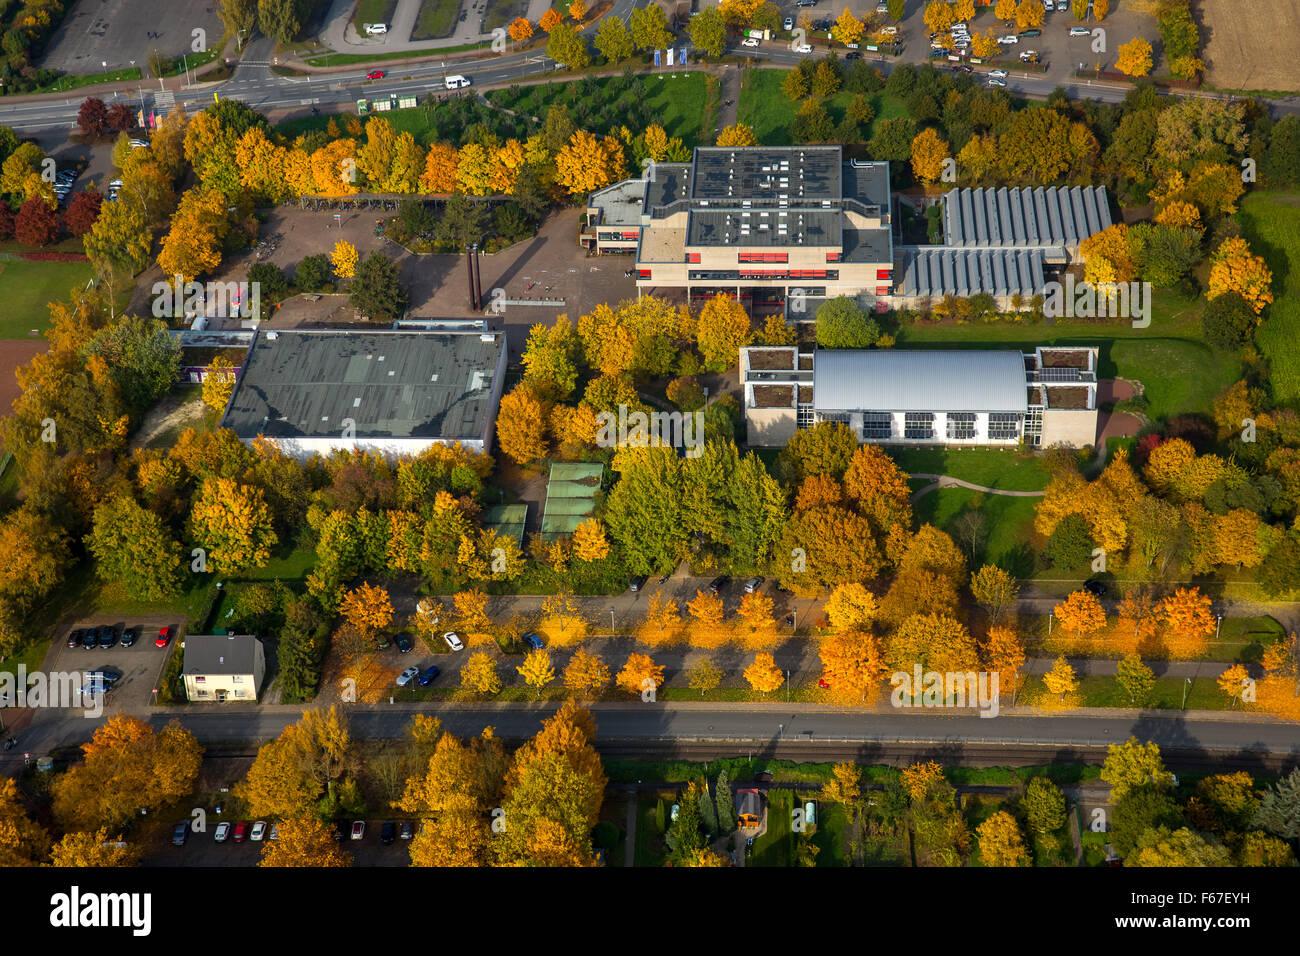 Freiherr-Vom-Stein-Gymnasium im Herbst Blätter, Hamm, Ruhr Area, North Rhine-Westphalia, Germany, Hamm, Ruhrgebiet Stockbild